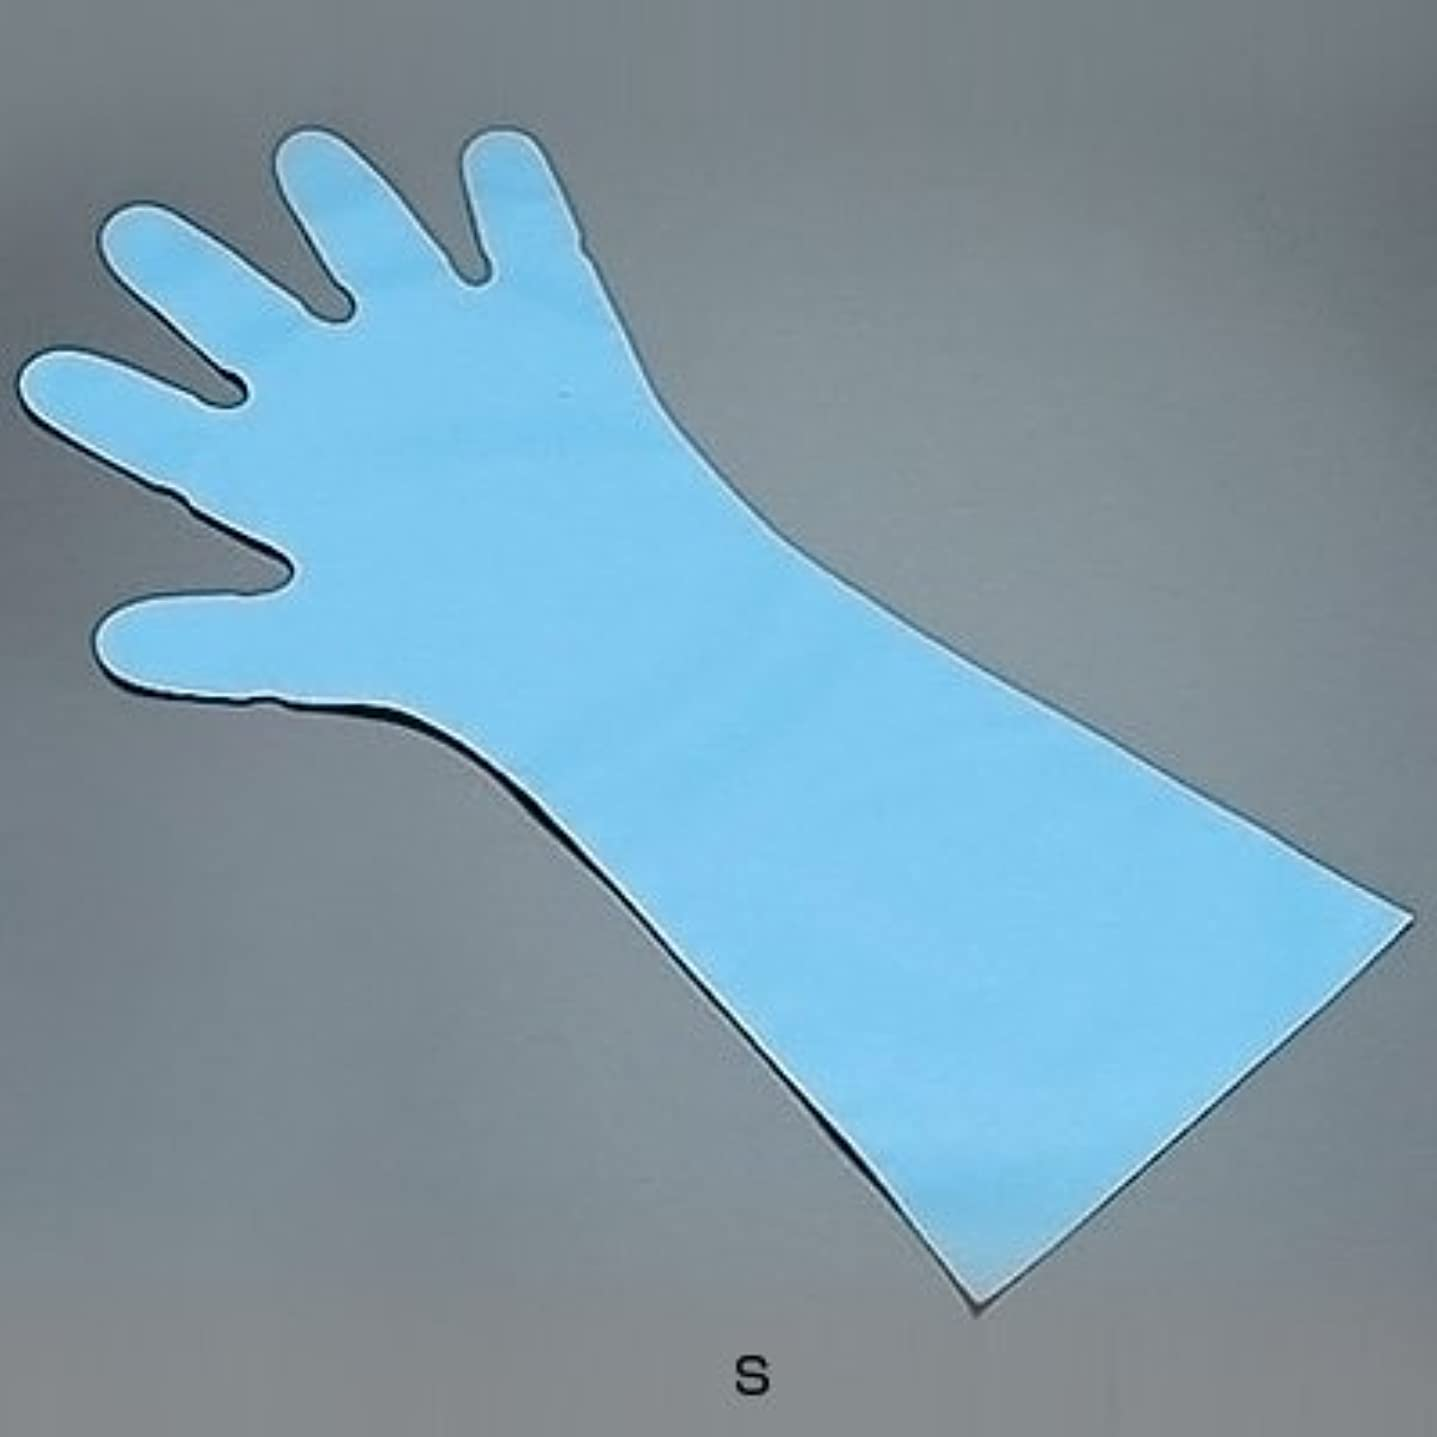 センターおめでとう不均一エンボス手袋 五本絞り ロング#50 (1袋50枚入) S 全長45cm <ブルー>